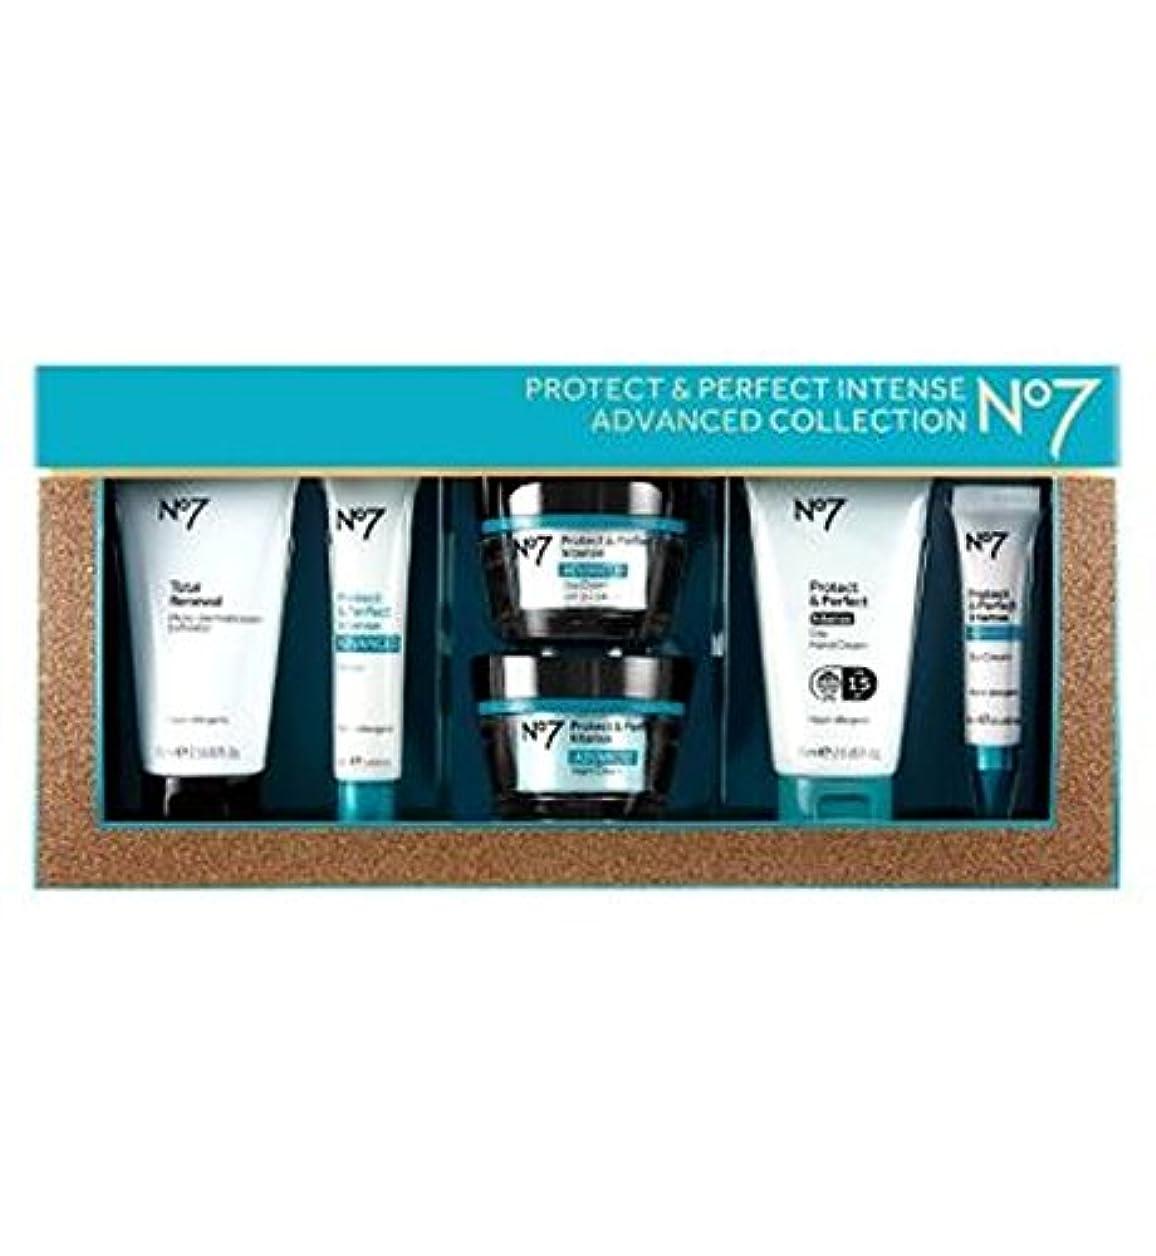 声を出して評議会議題No7保護&完璧な強烈な高度なコレクション (No7) (x2) - No7 Protect & Perfect Intense ADVANCED Collection (Pack of 2) [並行輸入品]